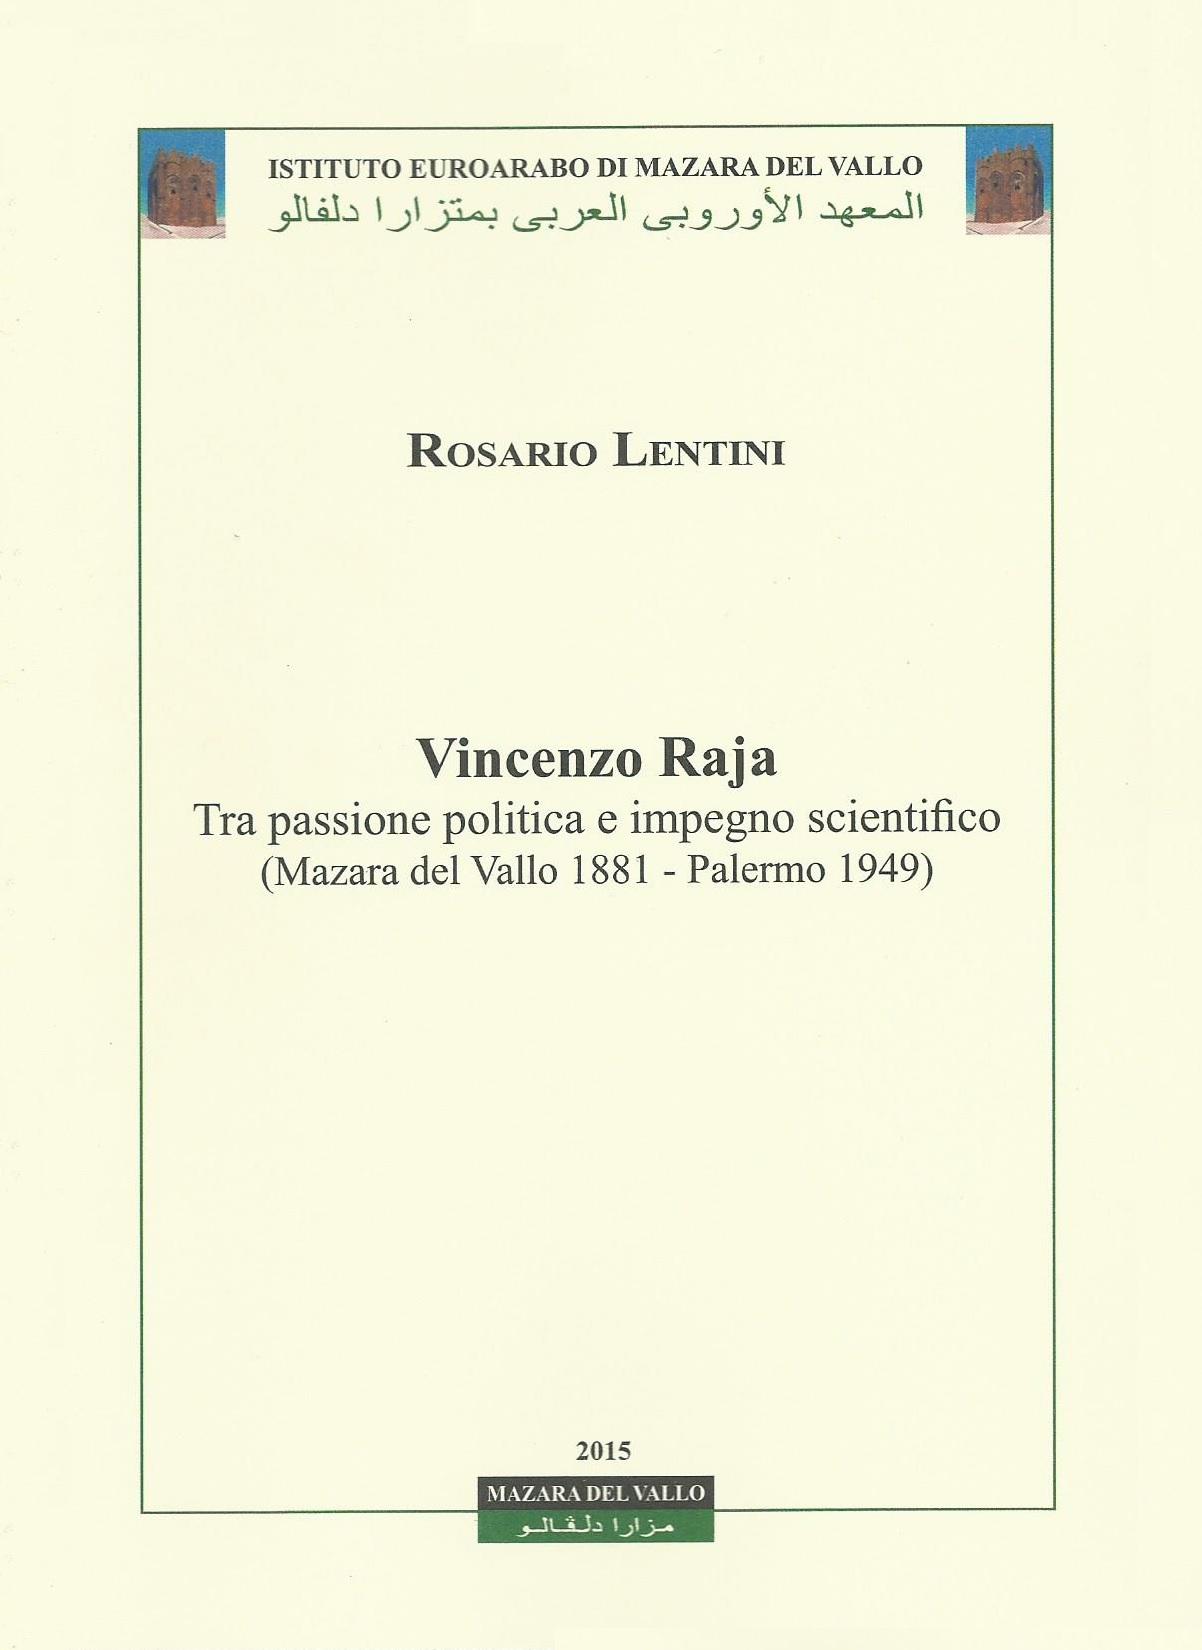 Vincenzo Raja